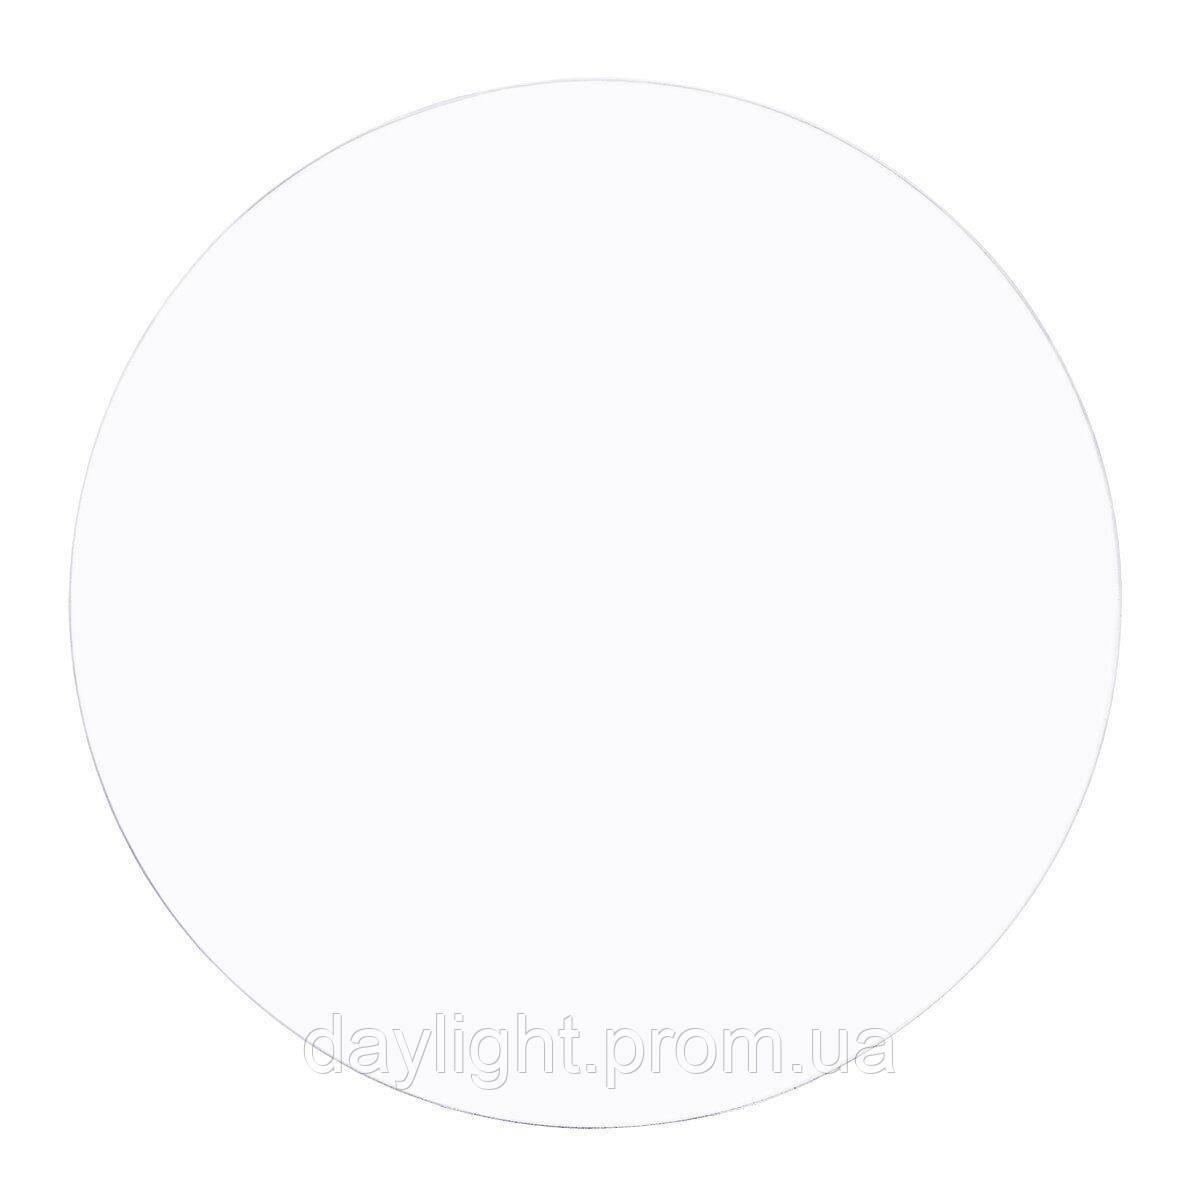 Светодиодный потолочный светильник 24w круг (без пульта)